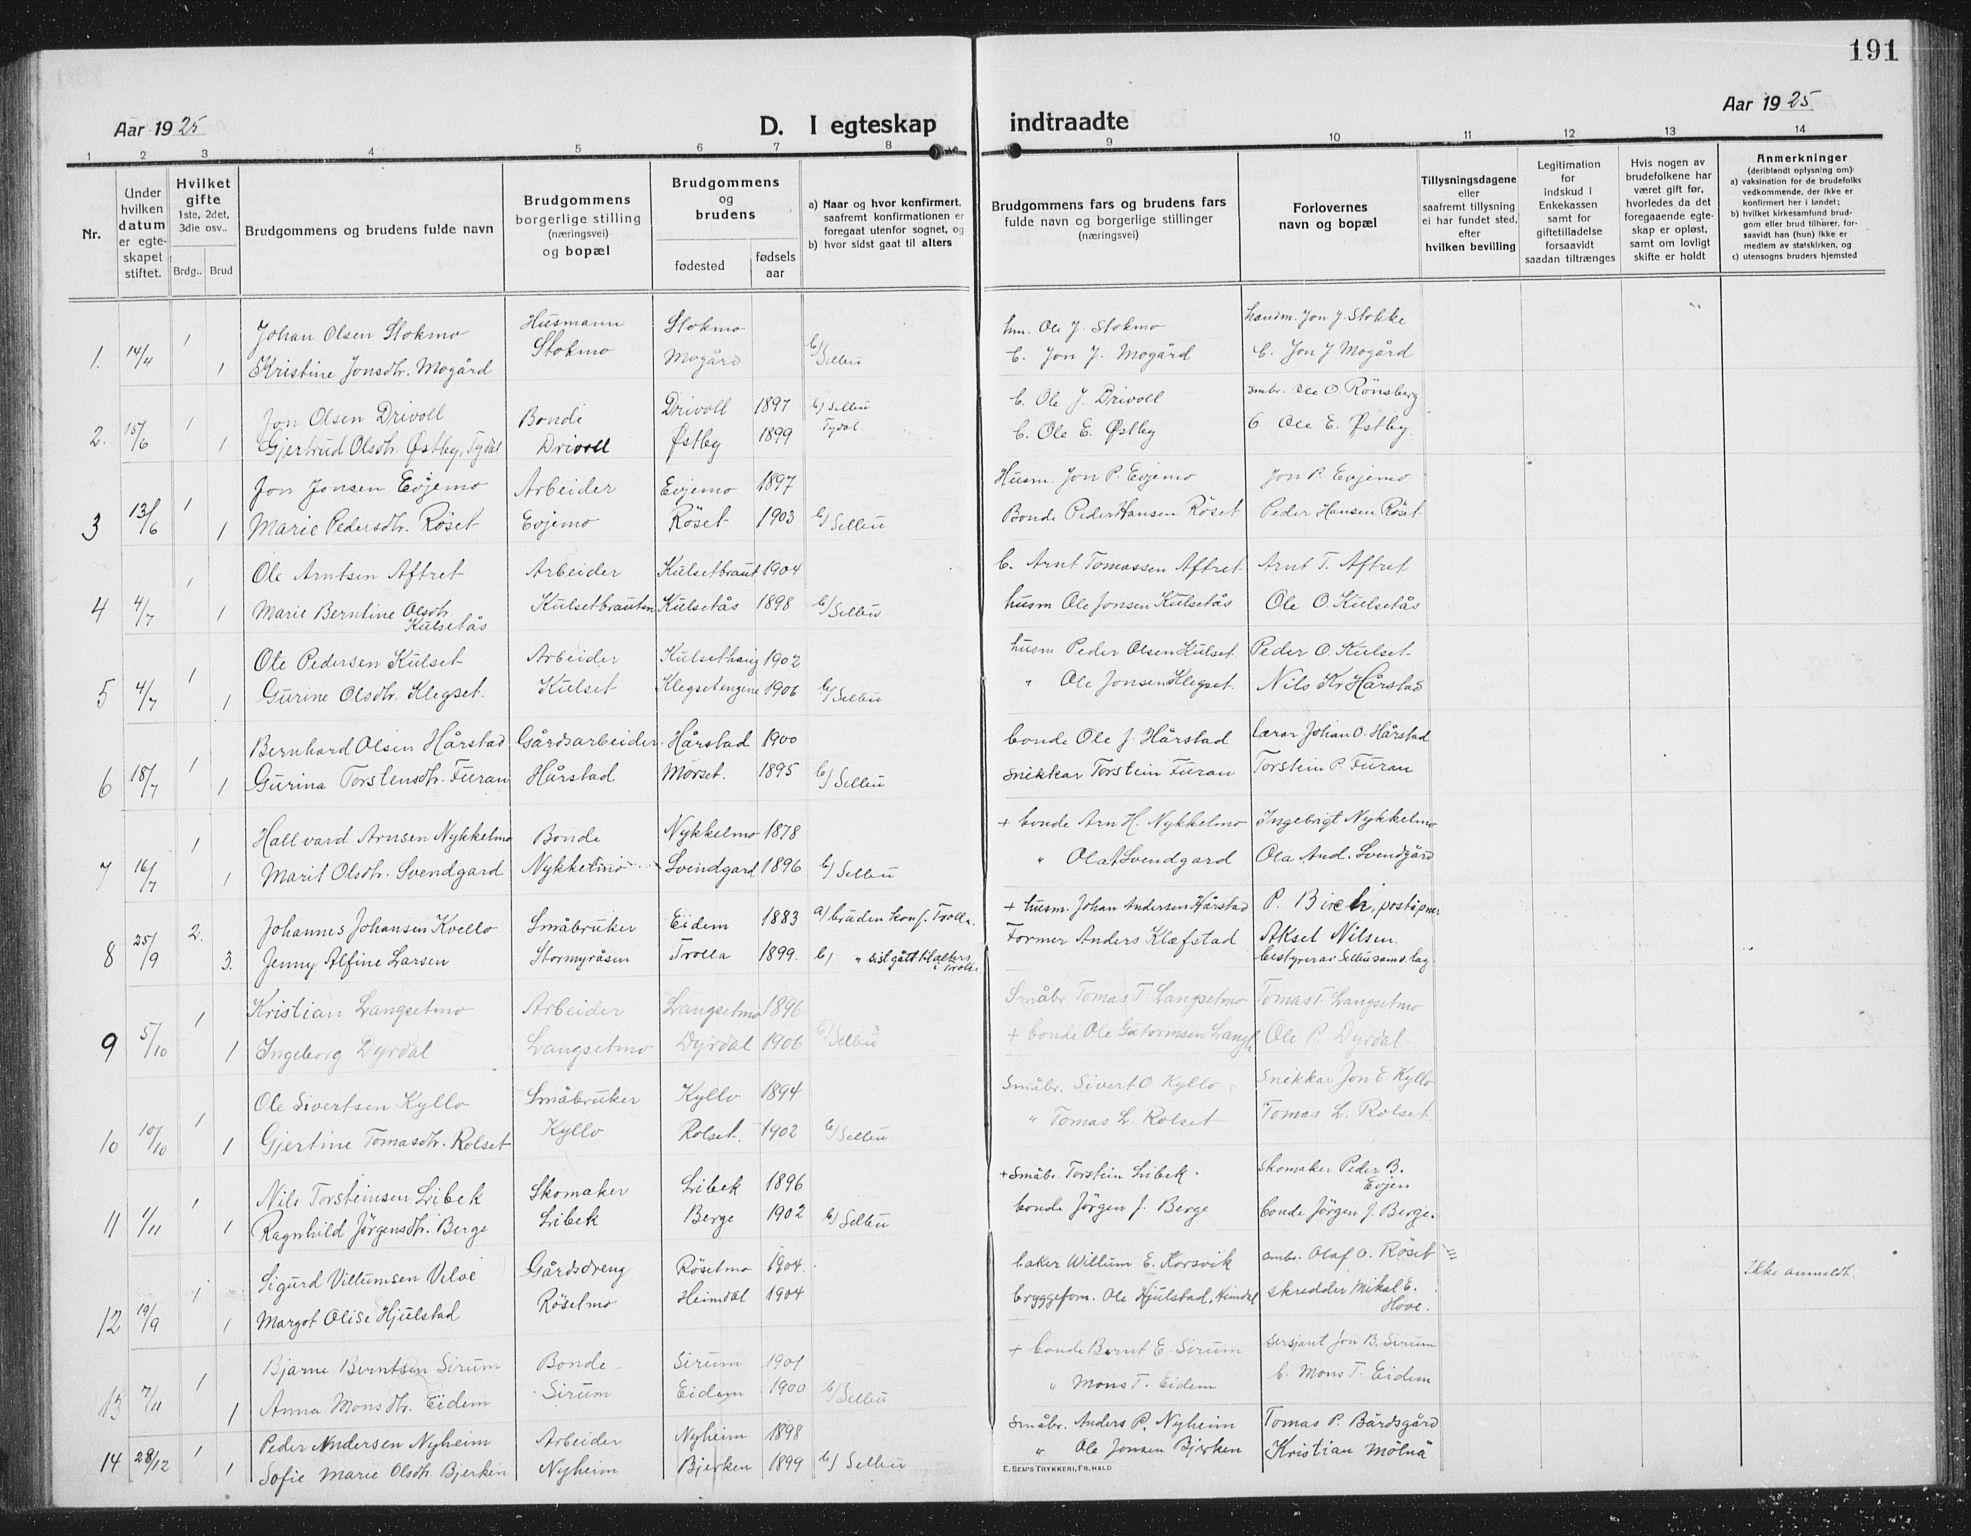 SAT, Ministerialprotokoller, klokkerbøker og fødselsregistre - Sør-Trøndelag, 695/L1158: Klokkerbok nr. 695C09, 1913-1940, s. 191